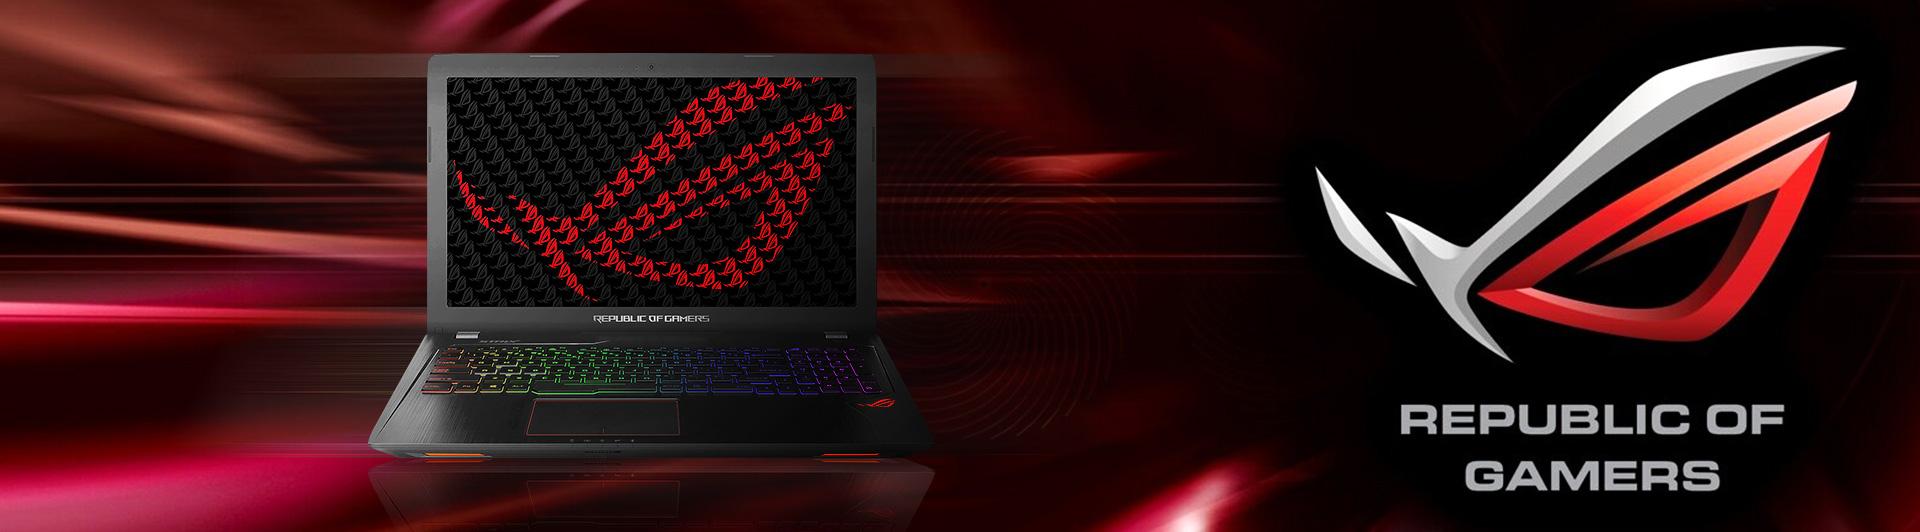 Máy tính xách tay Asus GL553VE-FY096 cấu hình mạnh mẽ